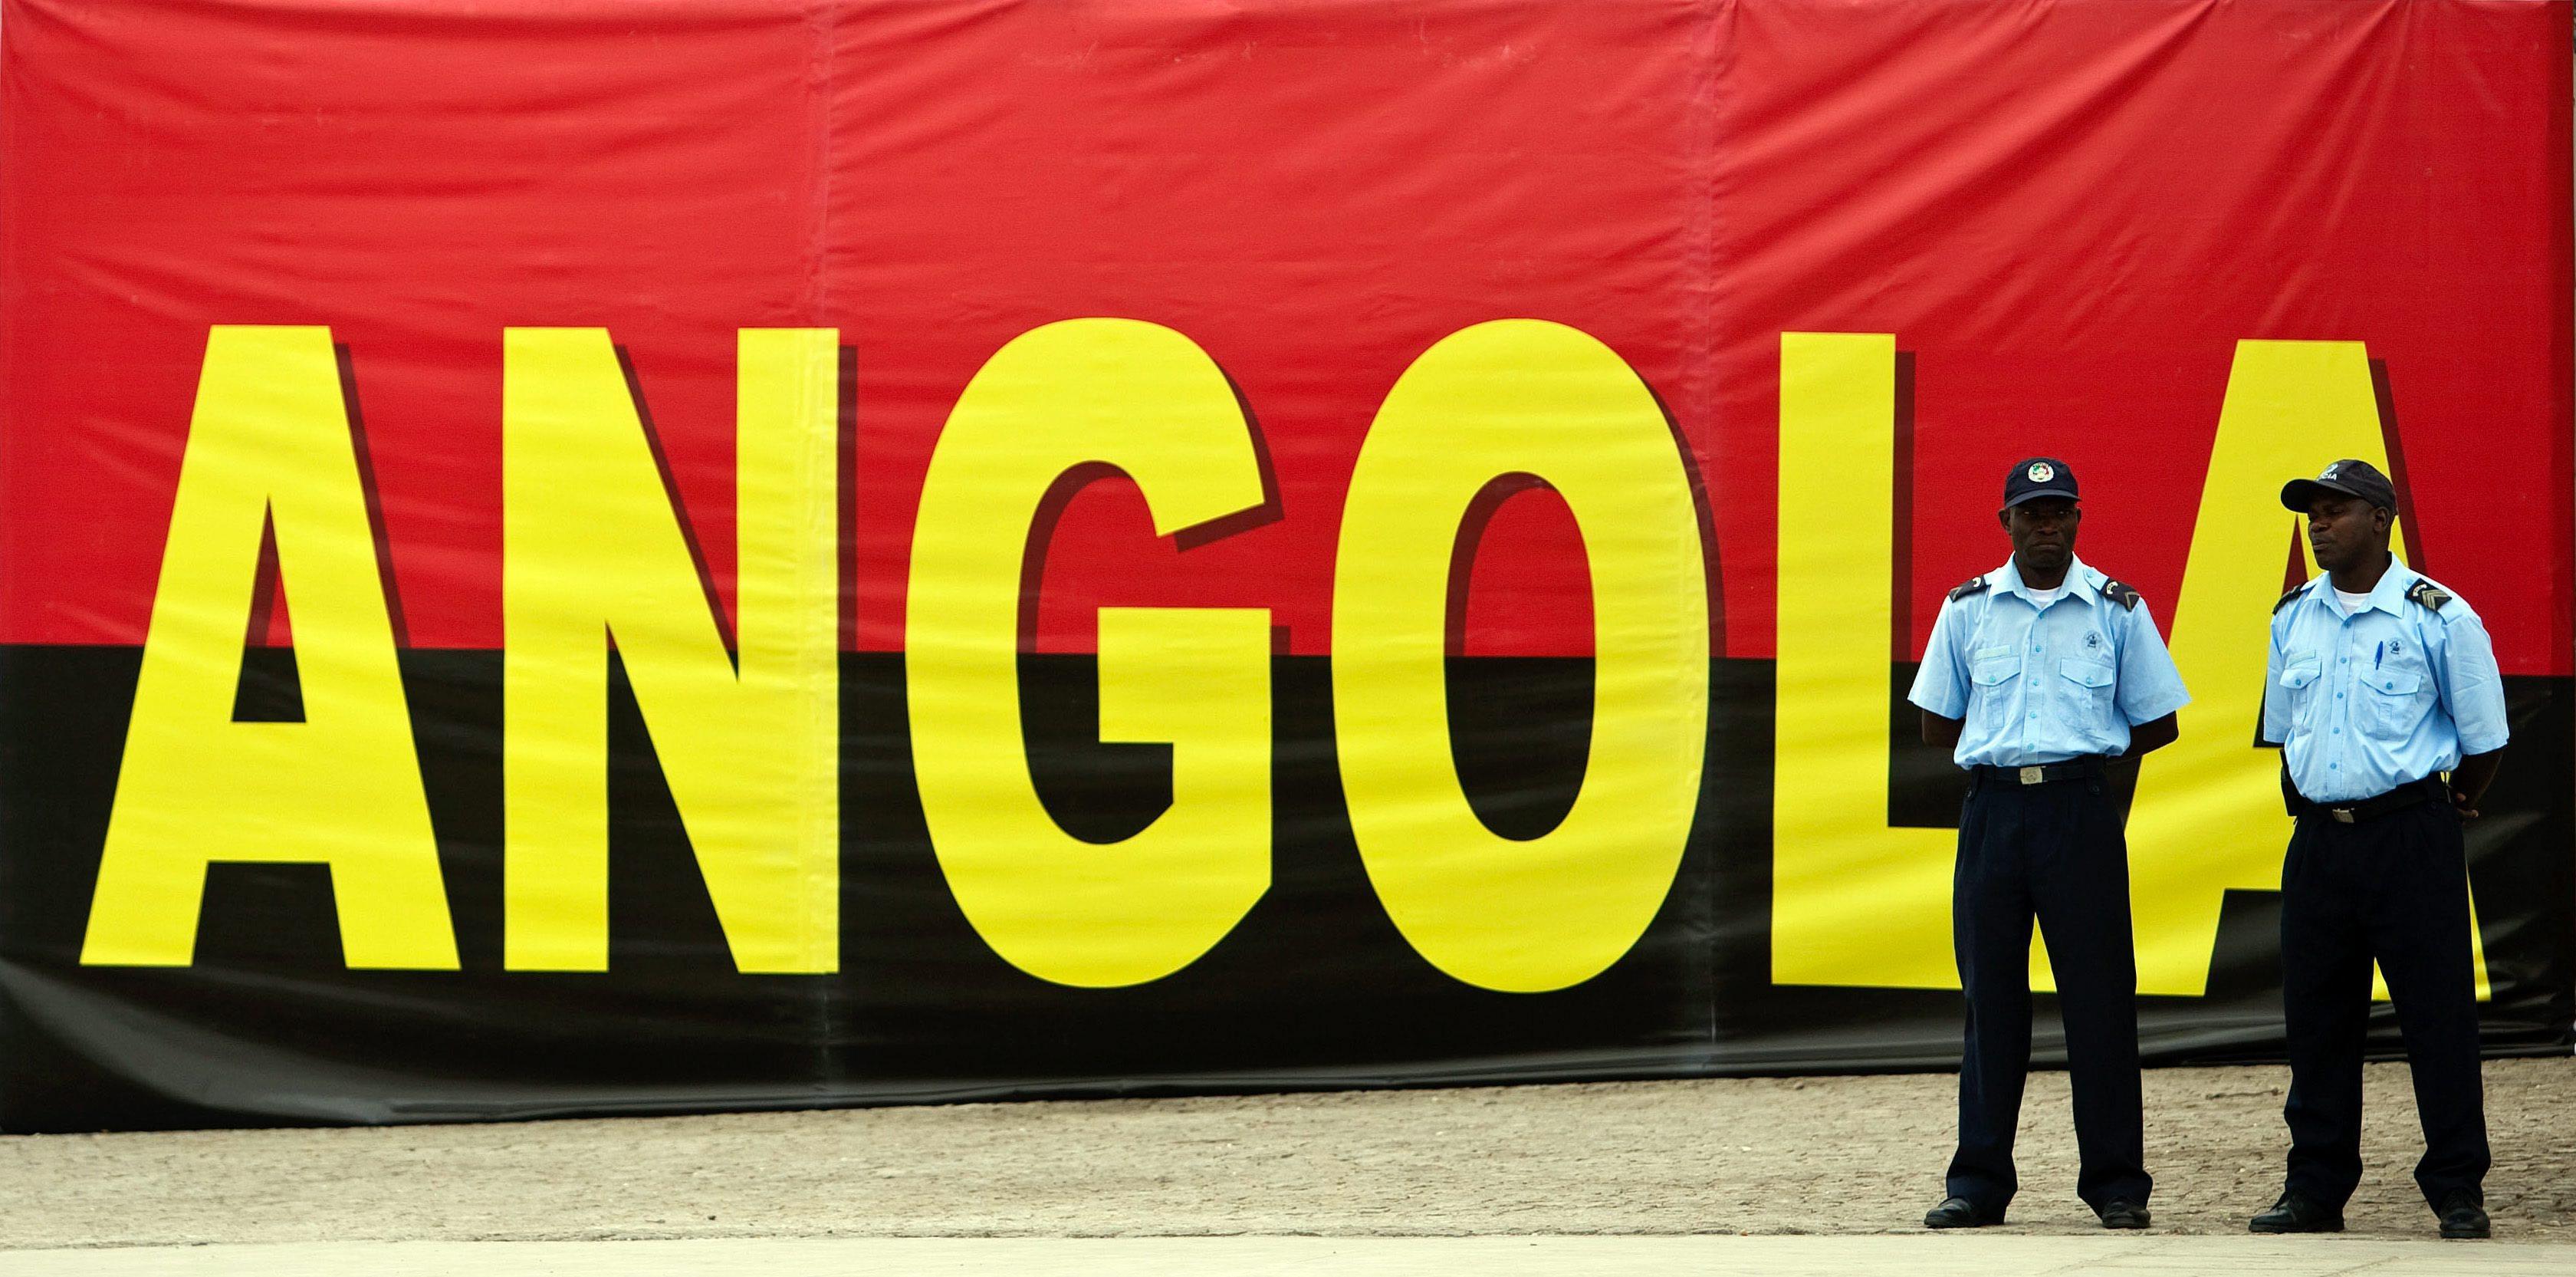 Polícia angolana pede a partidos para comunicarem atos políticos e evitar incidentes